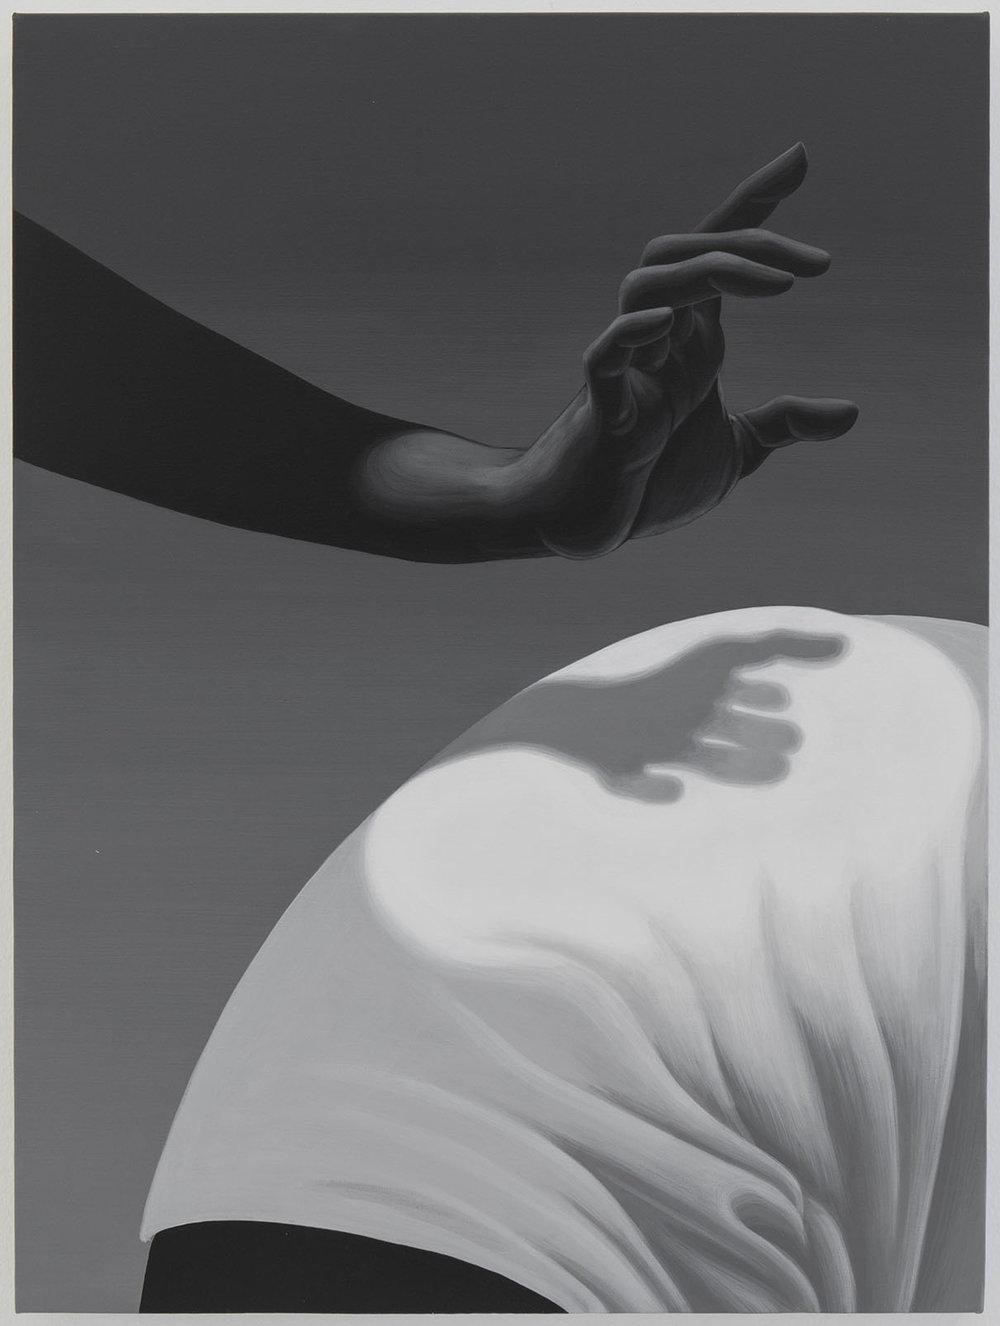 Alex Gardner -  Untitled , 2017, acrylic on linen,61 x 45.5 cm.Image courtesy The Hole.